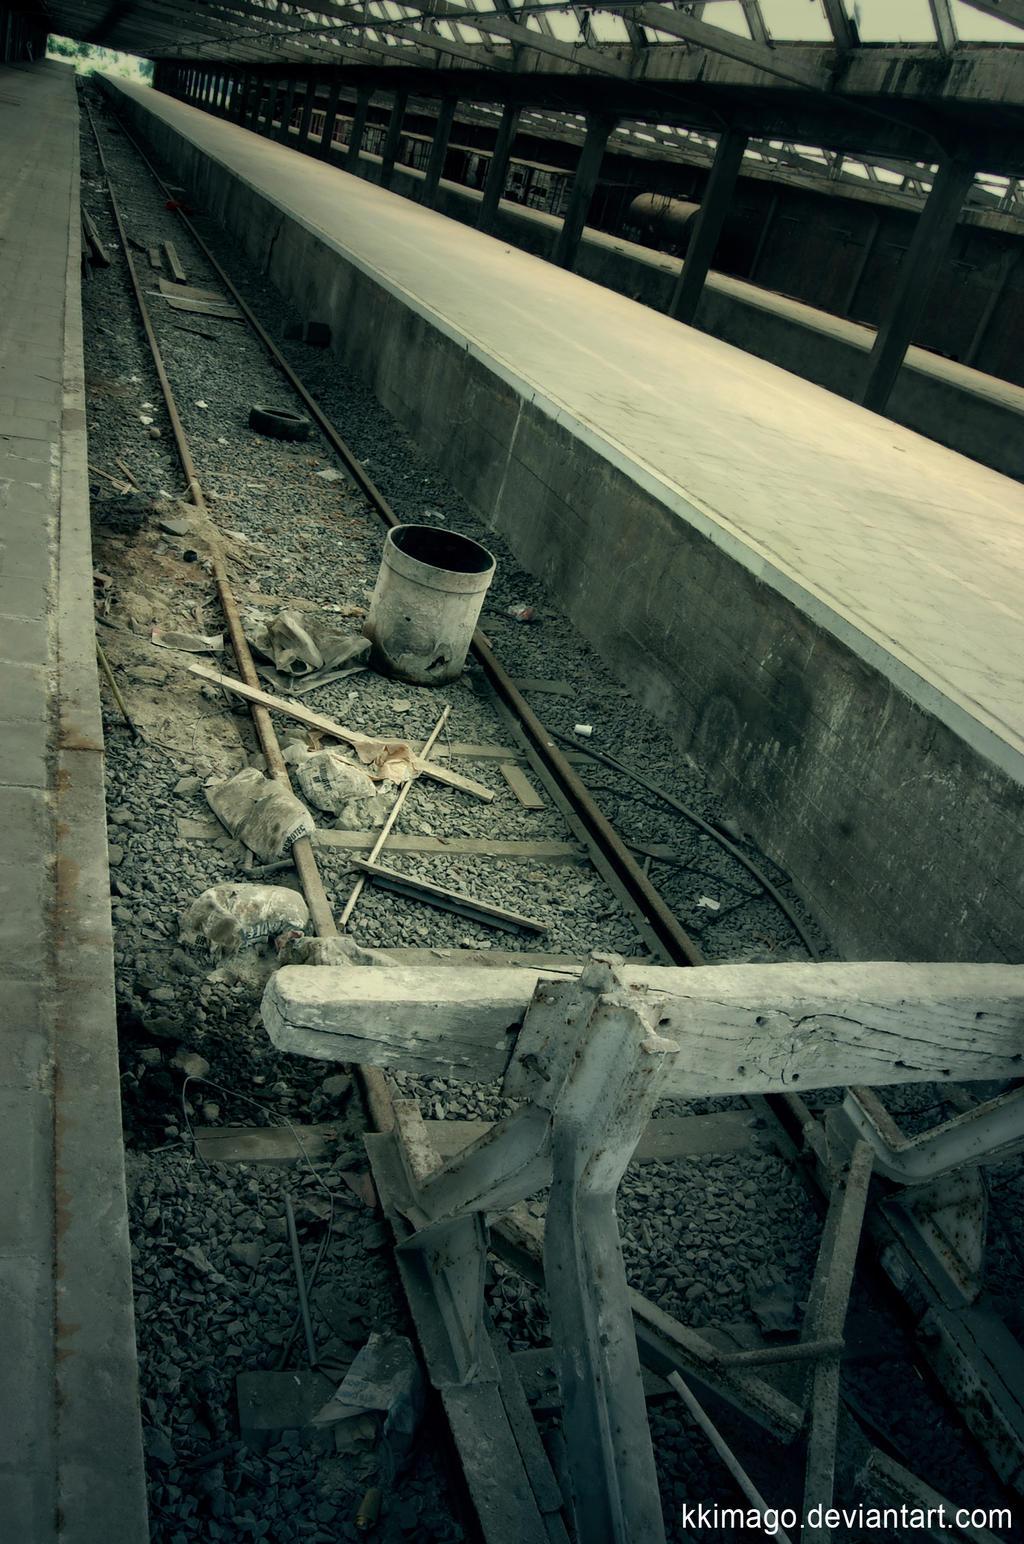 Rail by kKimago